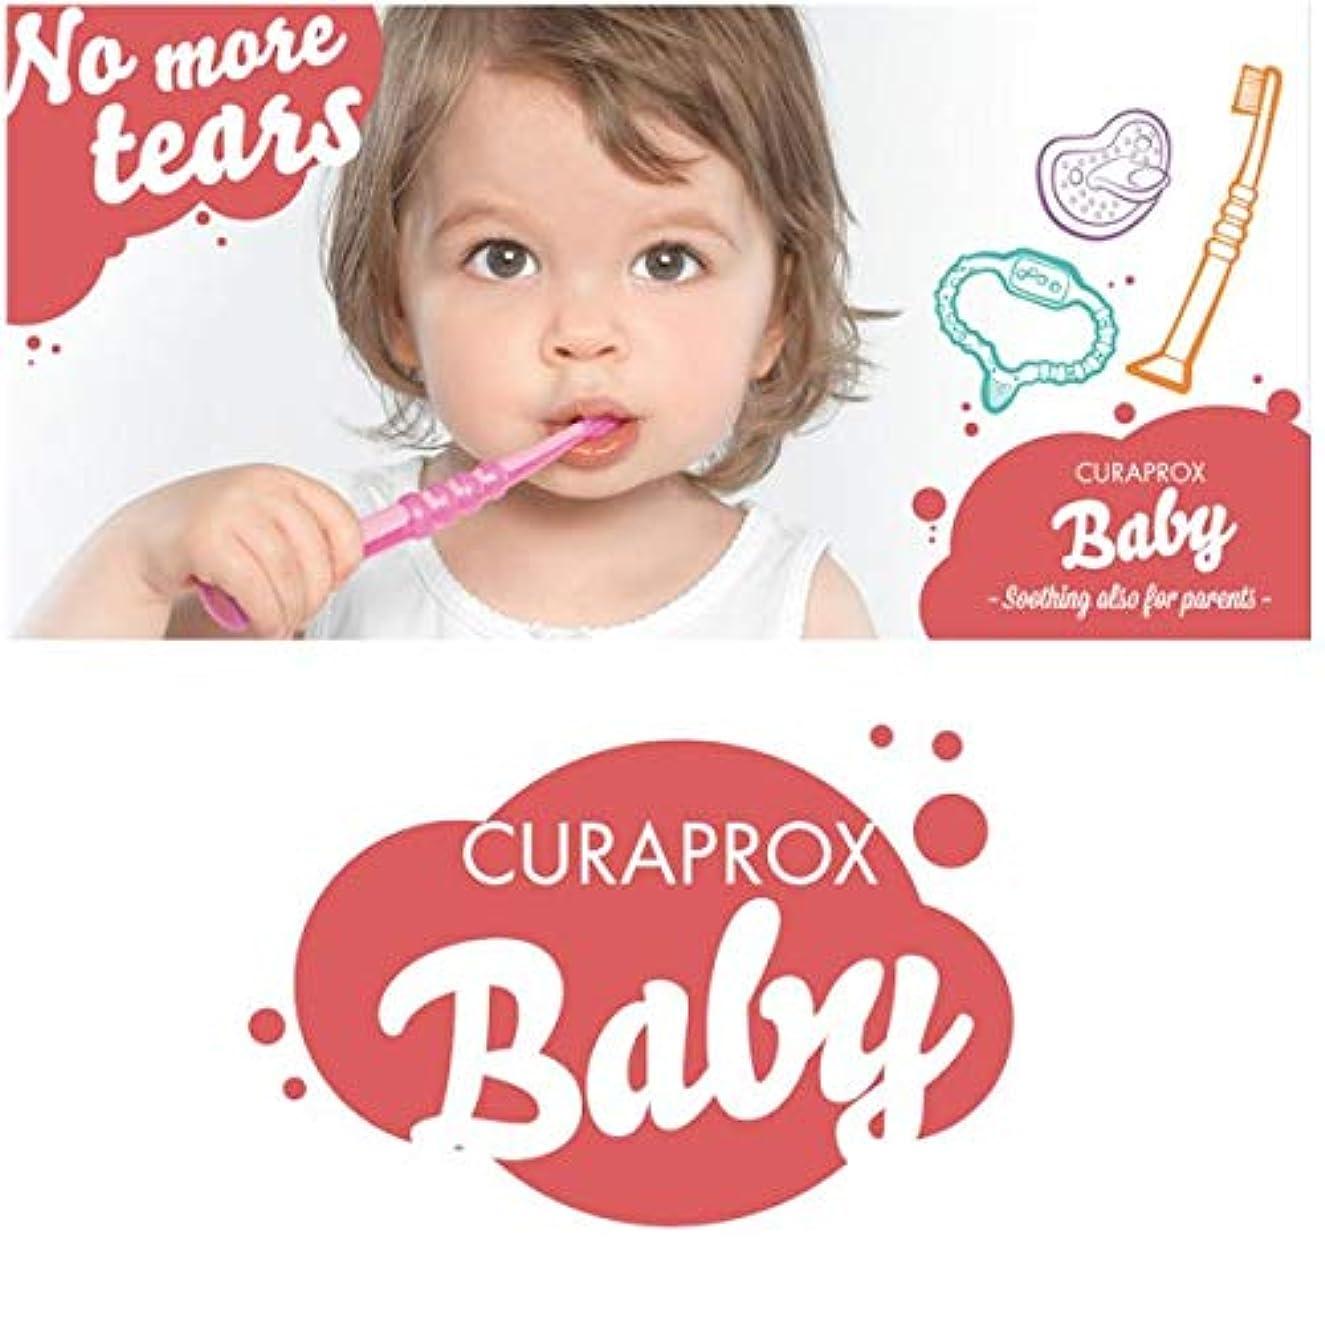 近く移行ブートクラプロックス ベビー用歯ブラシ ピンク ツインパック